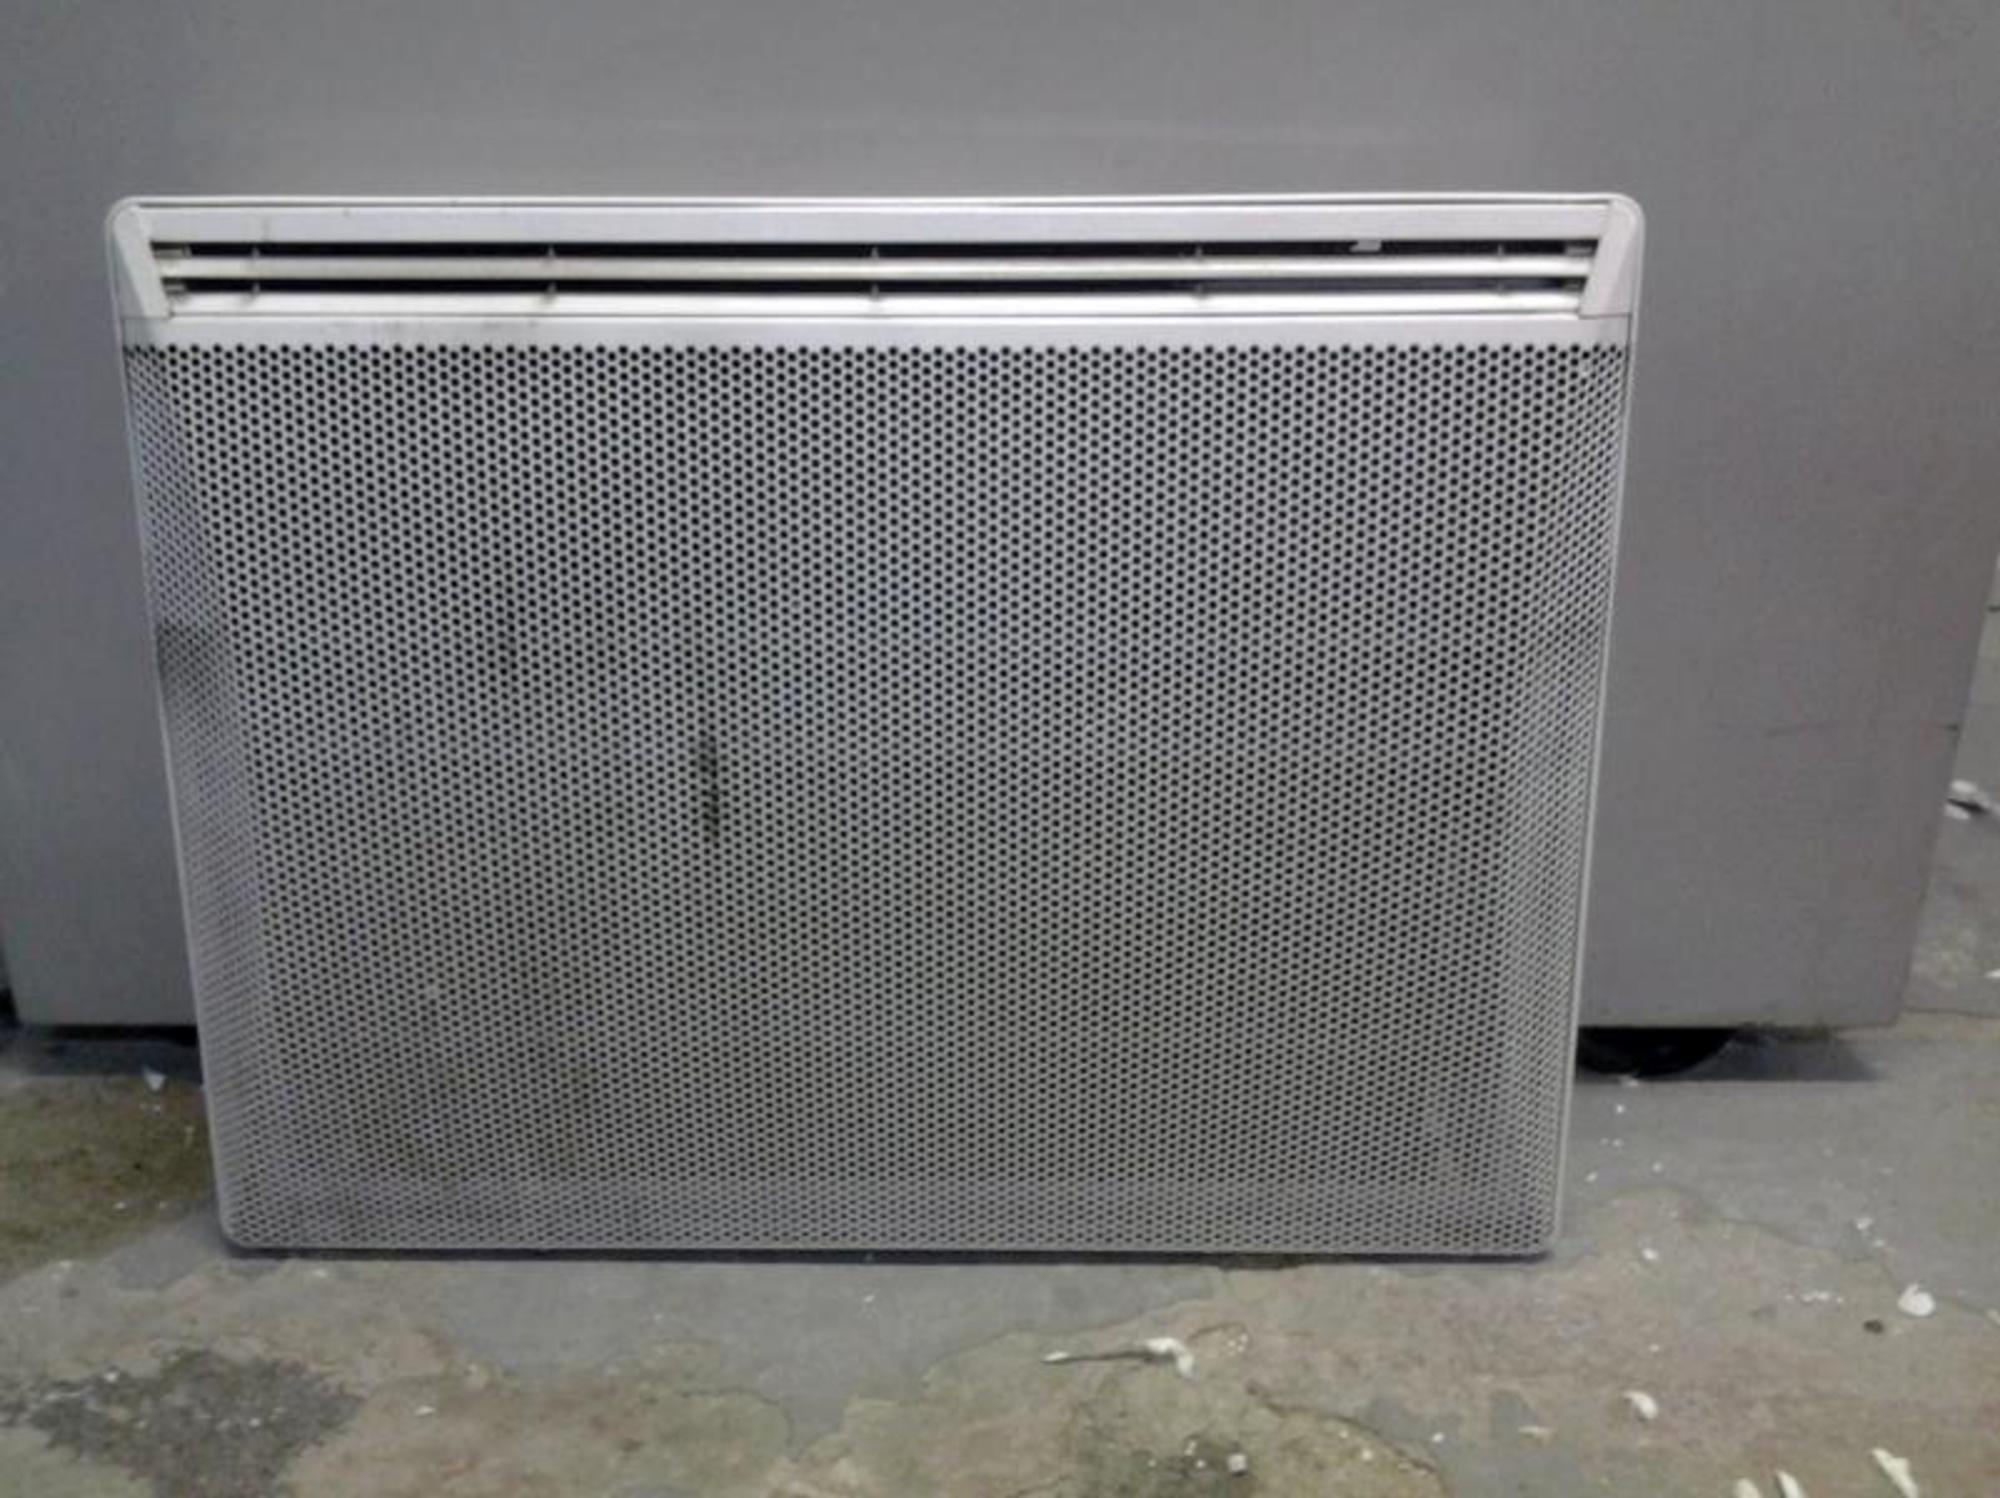 lot de 40 radiateurs lectriques autres mobiliers d 39 occasion aux ench res agorastore. Black Bedroom Furniture Sets. Home Design Ideas